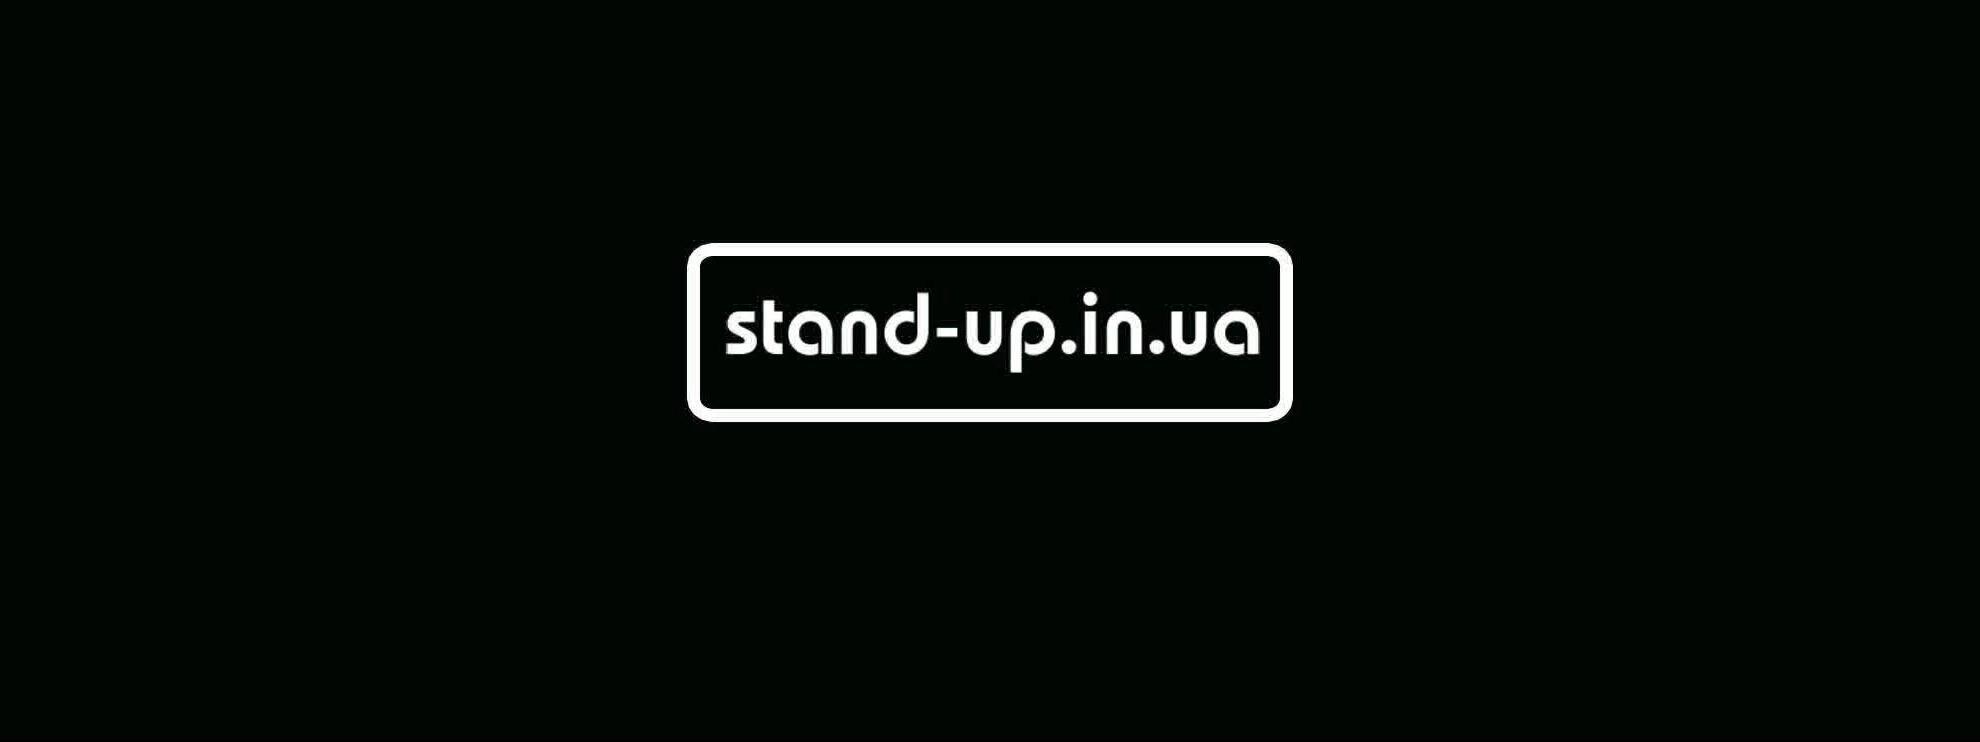 виконавець STAND-UP IN UA (Стенд Ап Ін Юа)